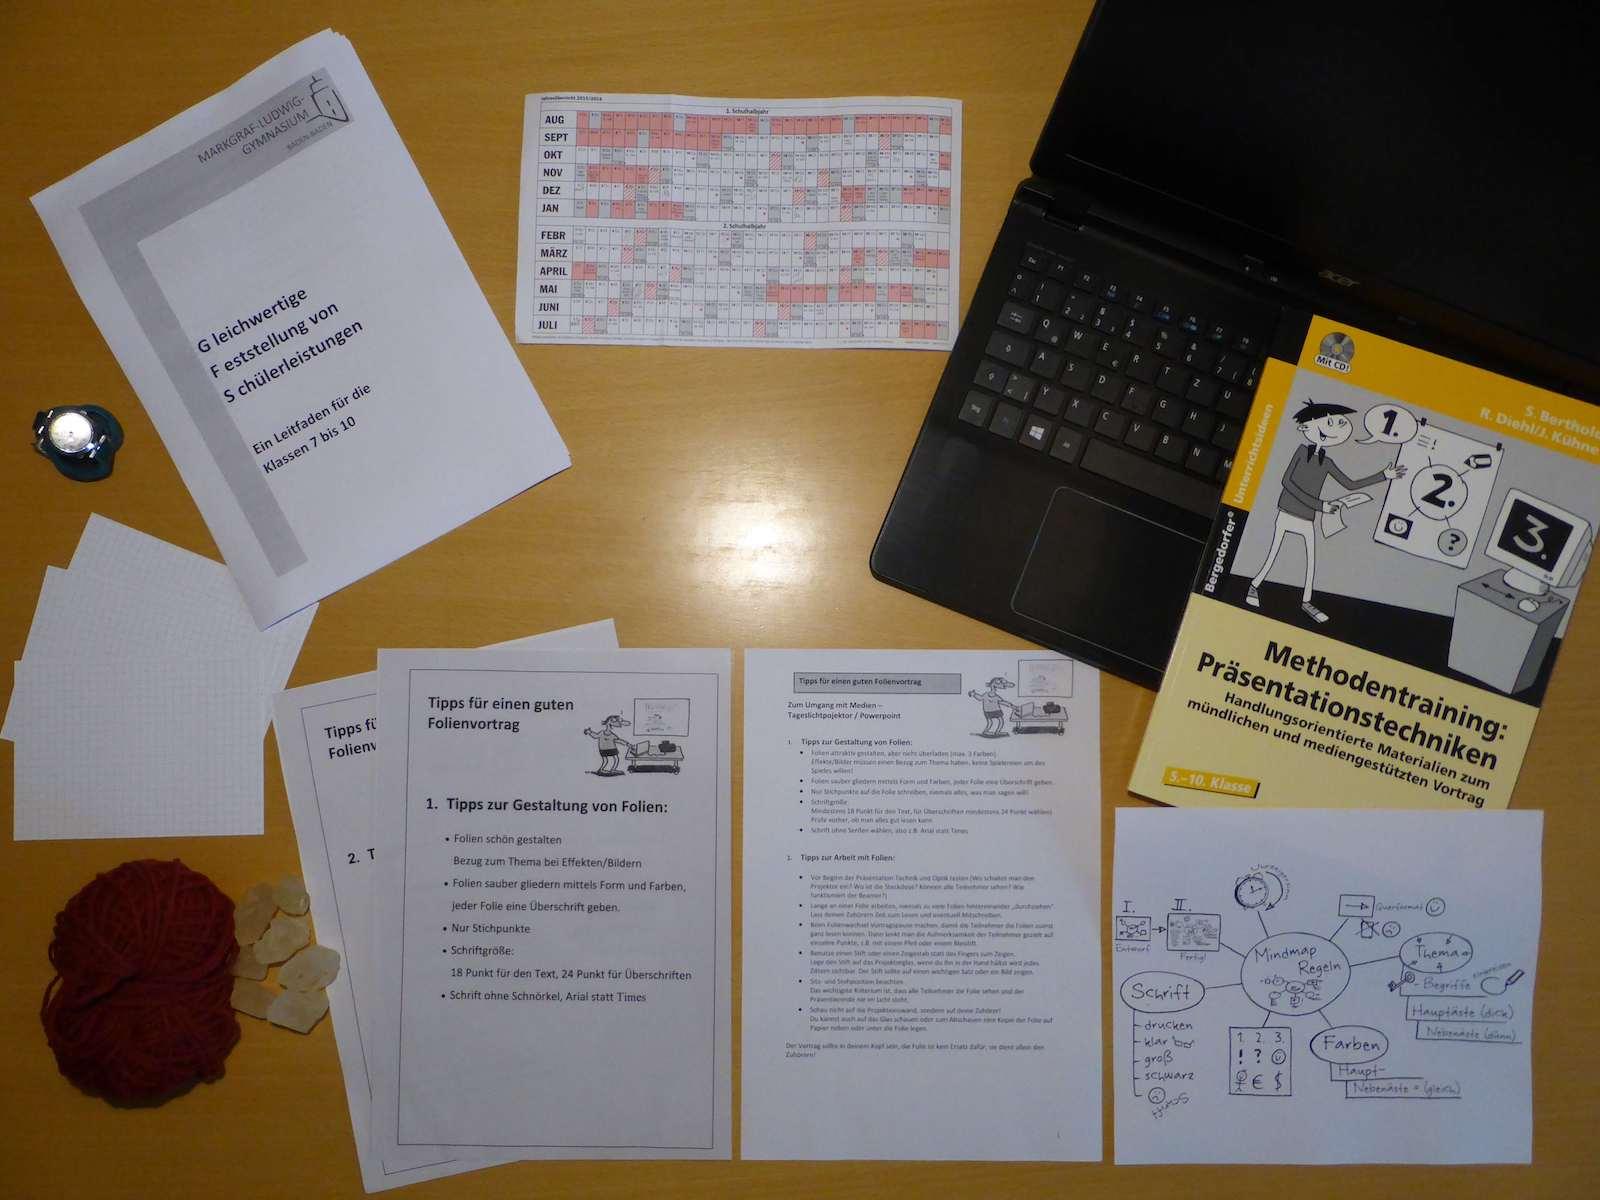 images/Inhalte_2018_19/Schreibtisch3klein.JPG